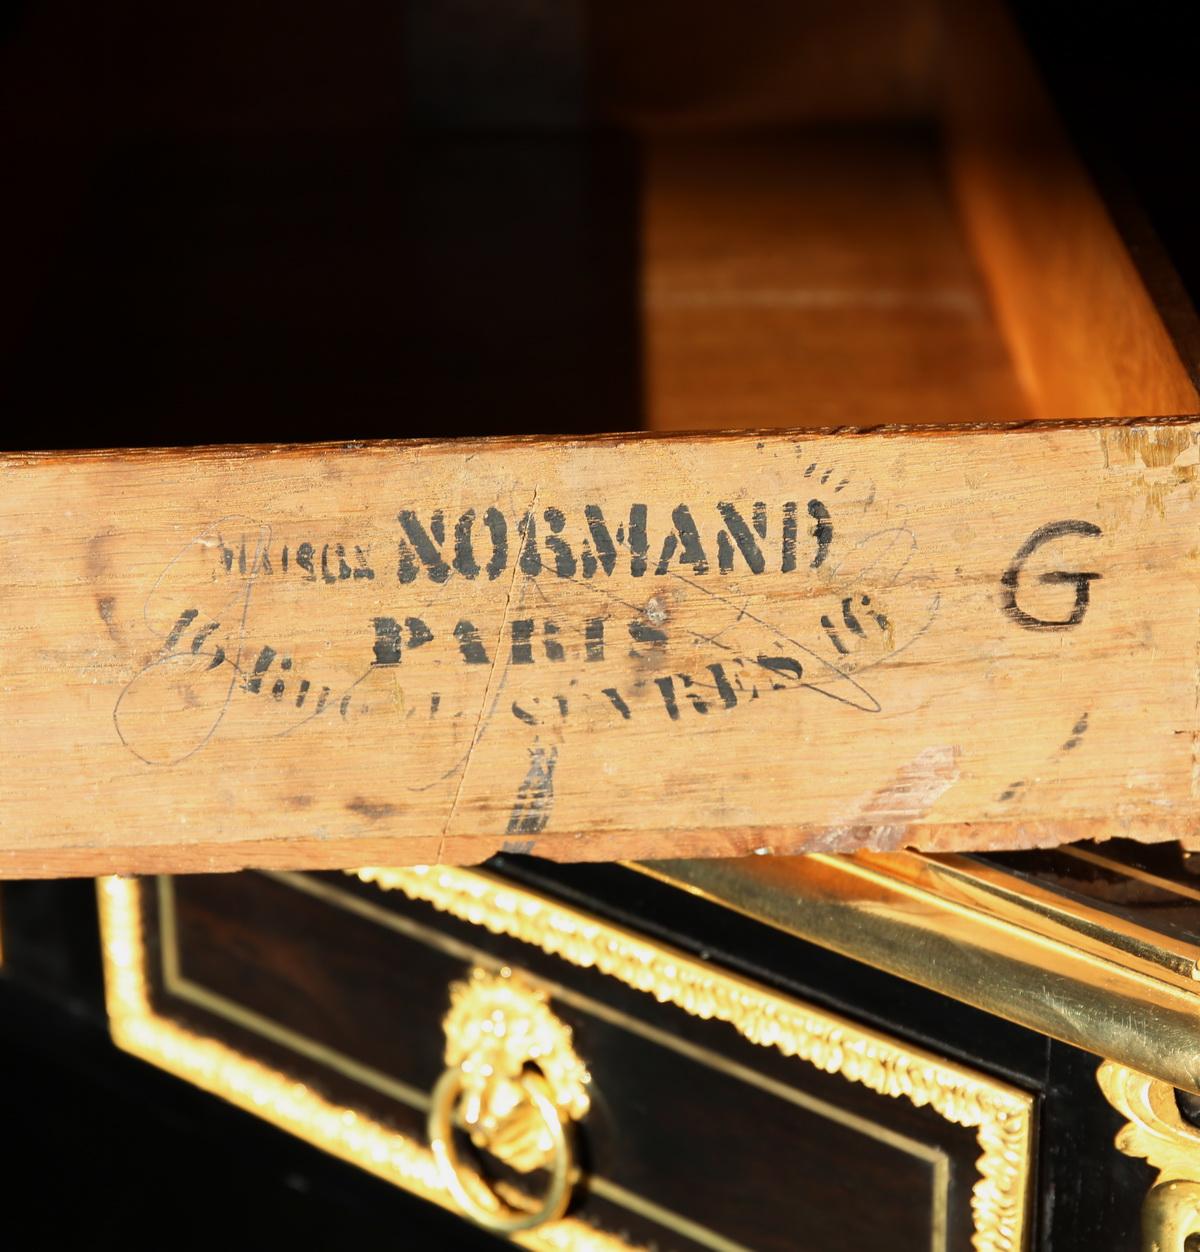 Bureau de style Régence, signé Normand 1880